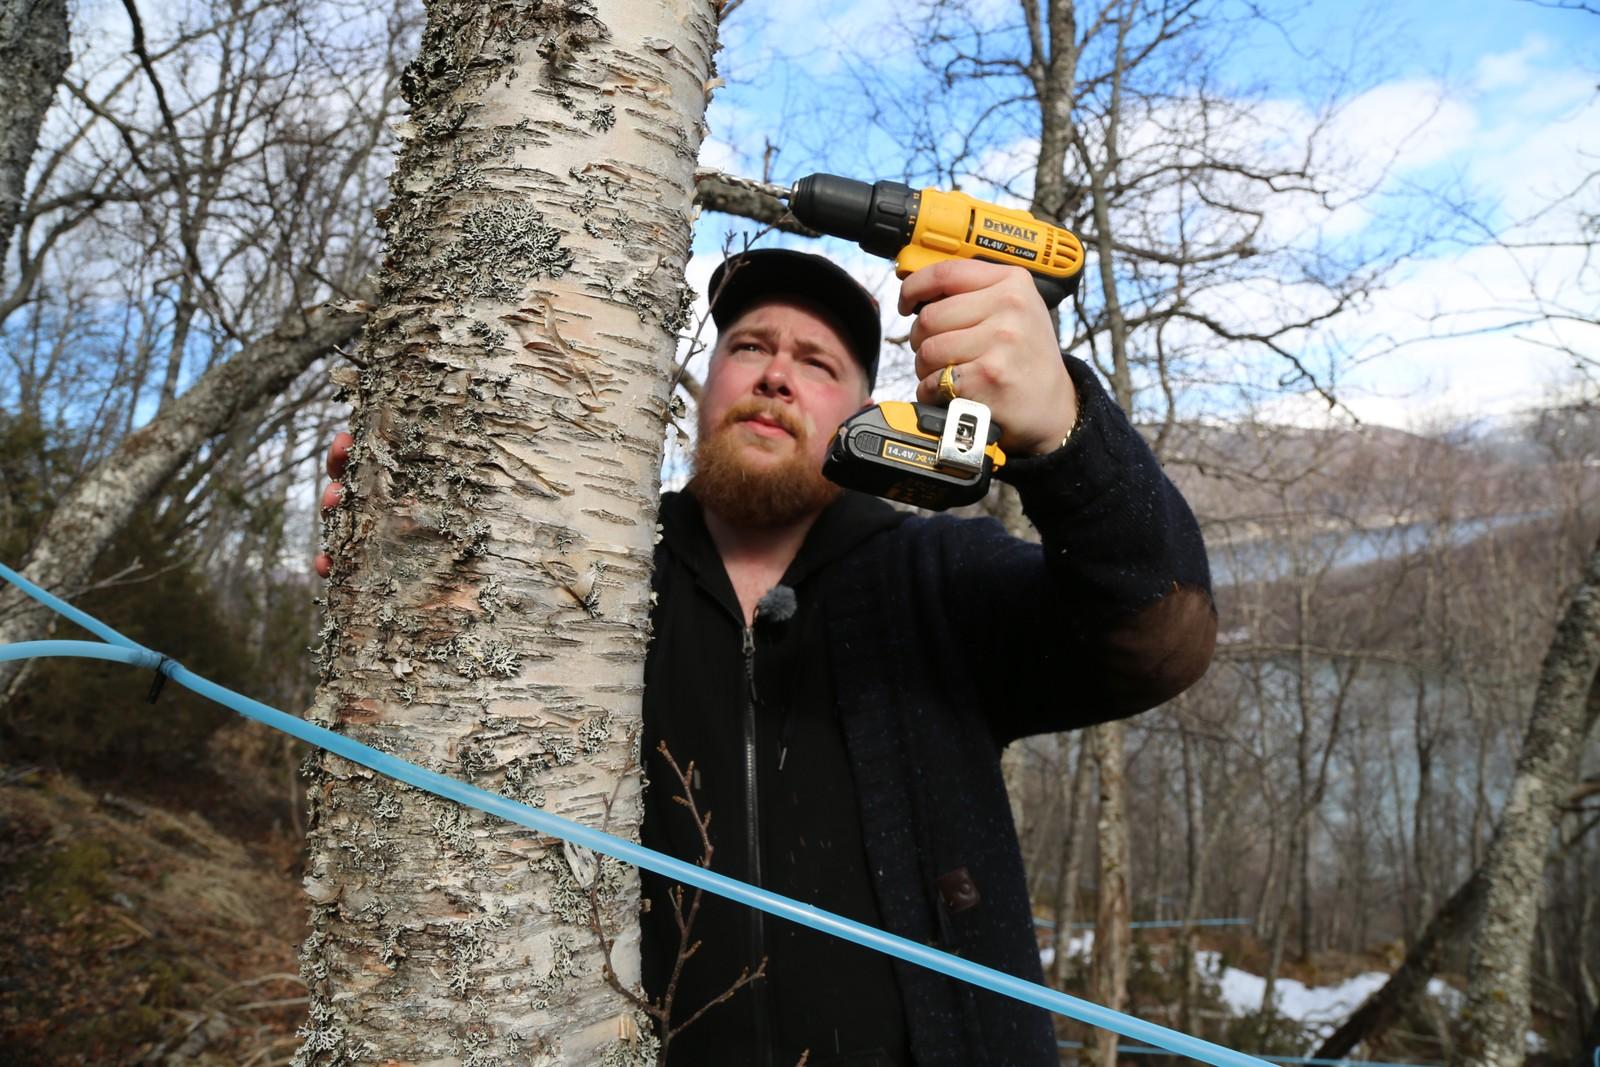 Lars Andreas Vik fra Saltdal har denne våren boret hull i over 460 bjørketrær for å lage bjørkesirup.